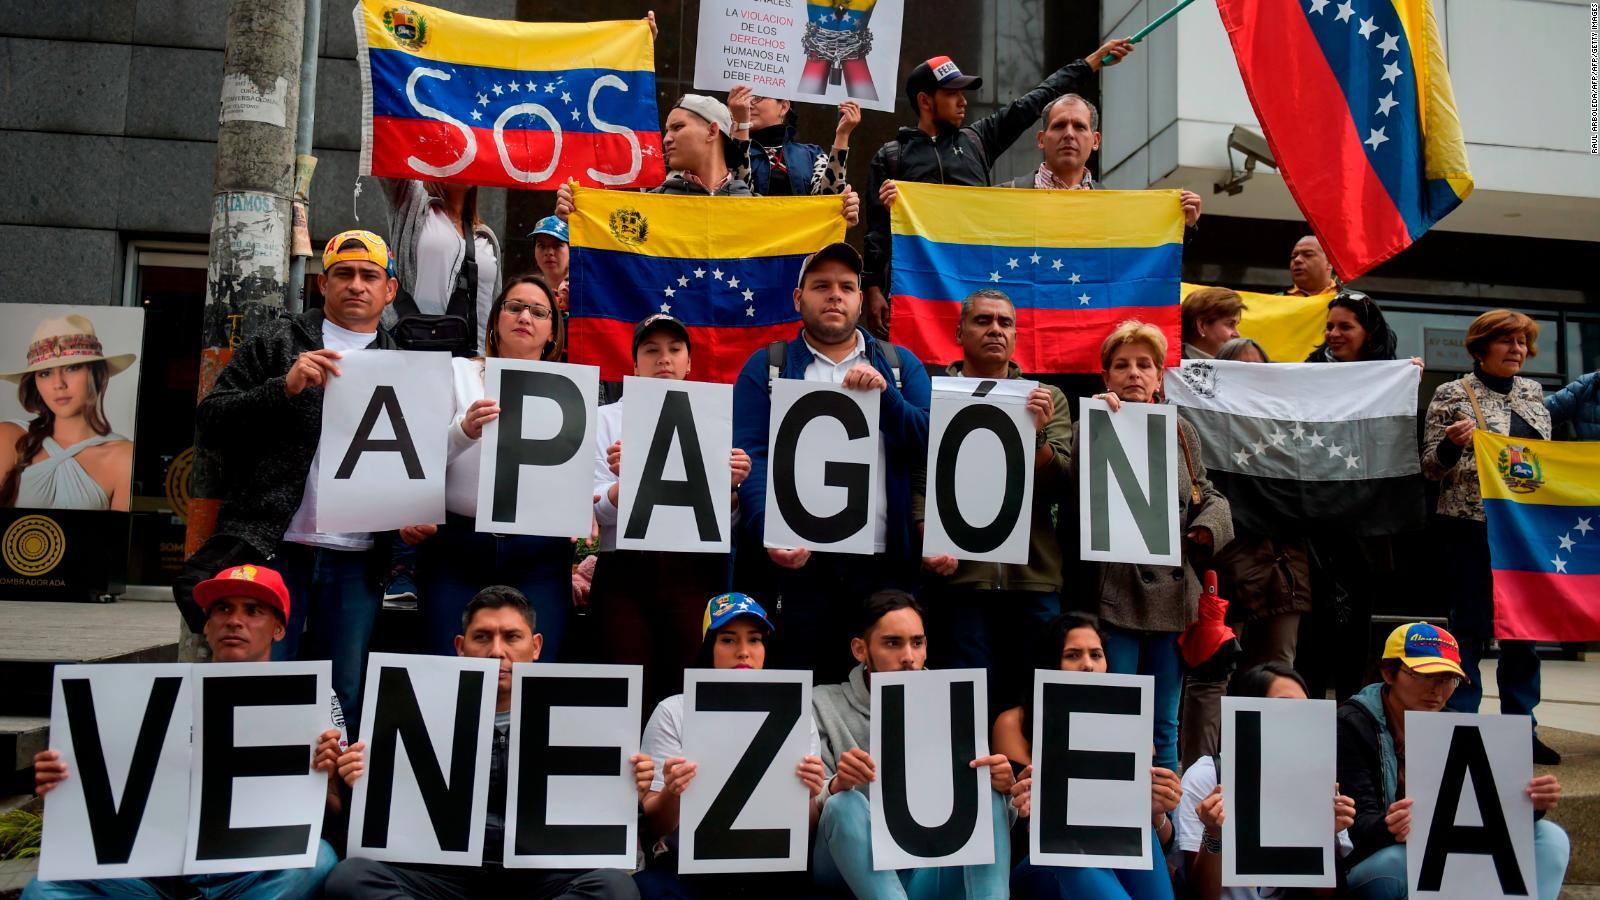 Venezuela ¿Qué sucede con el apagón?